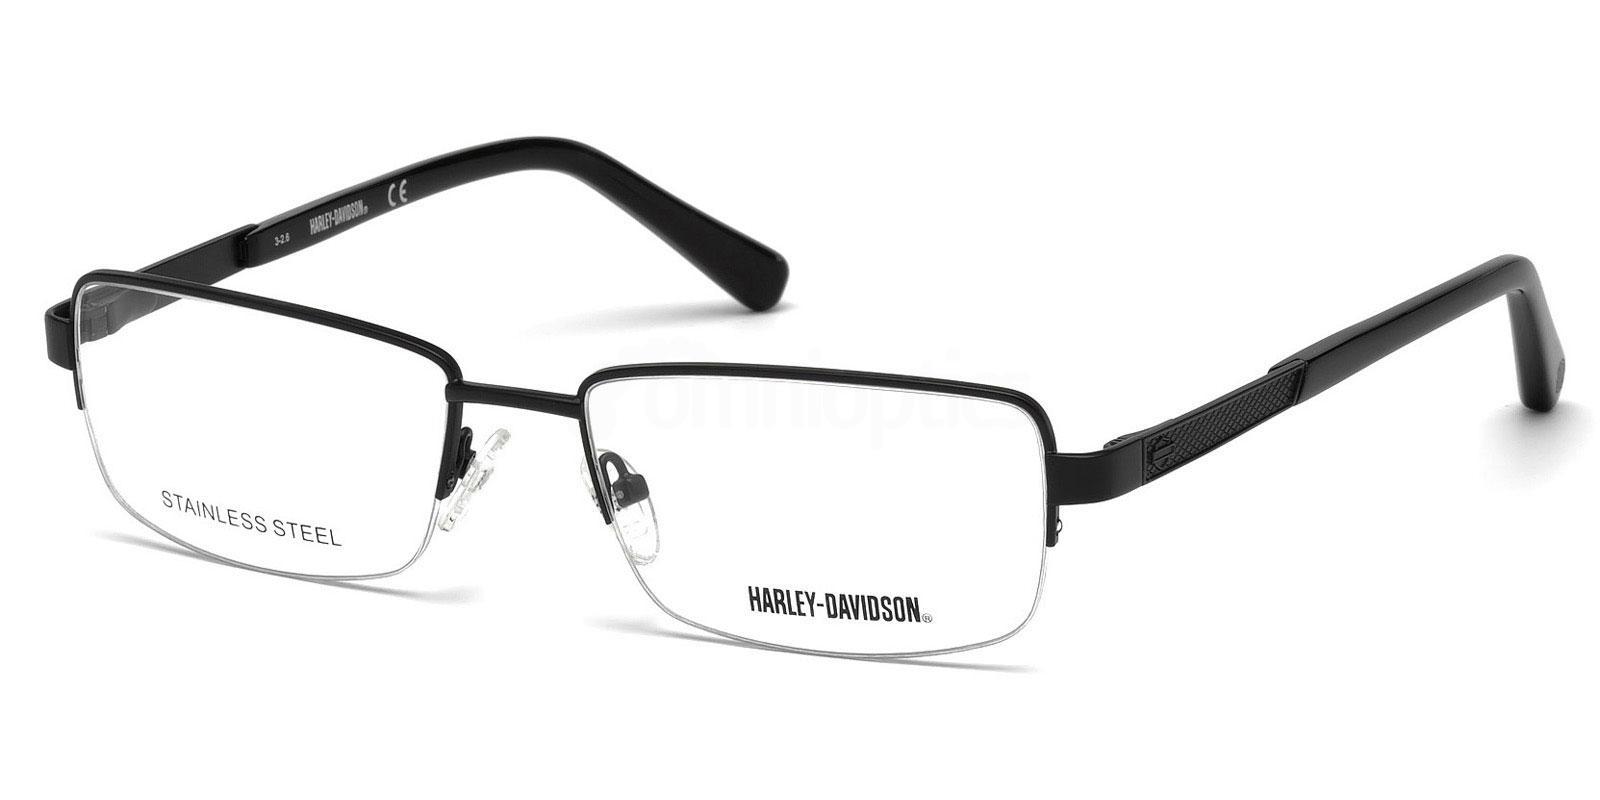 002 HD0750 , Harley Davidson